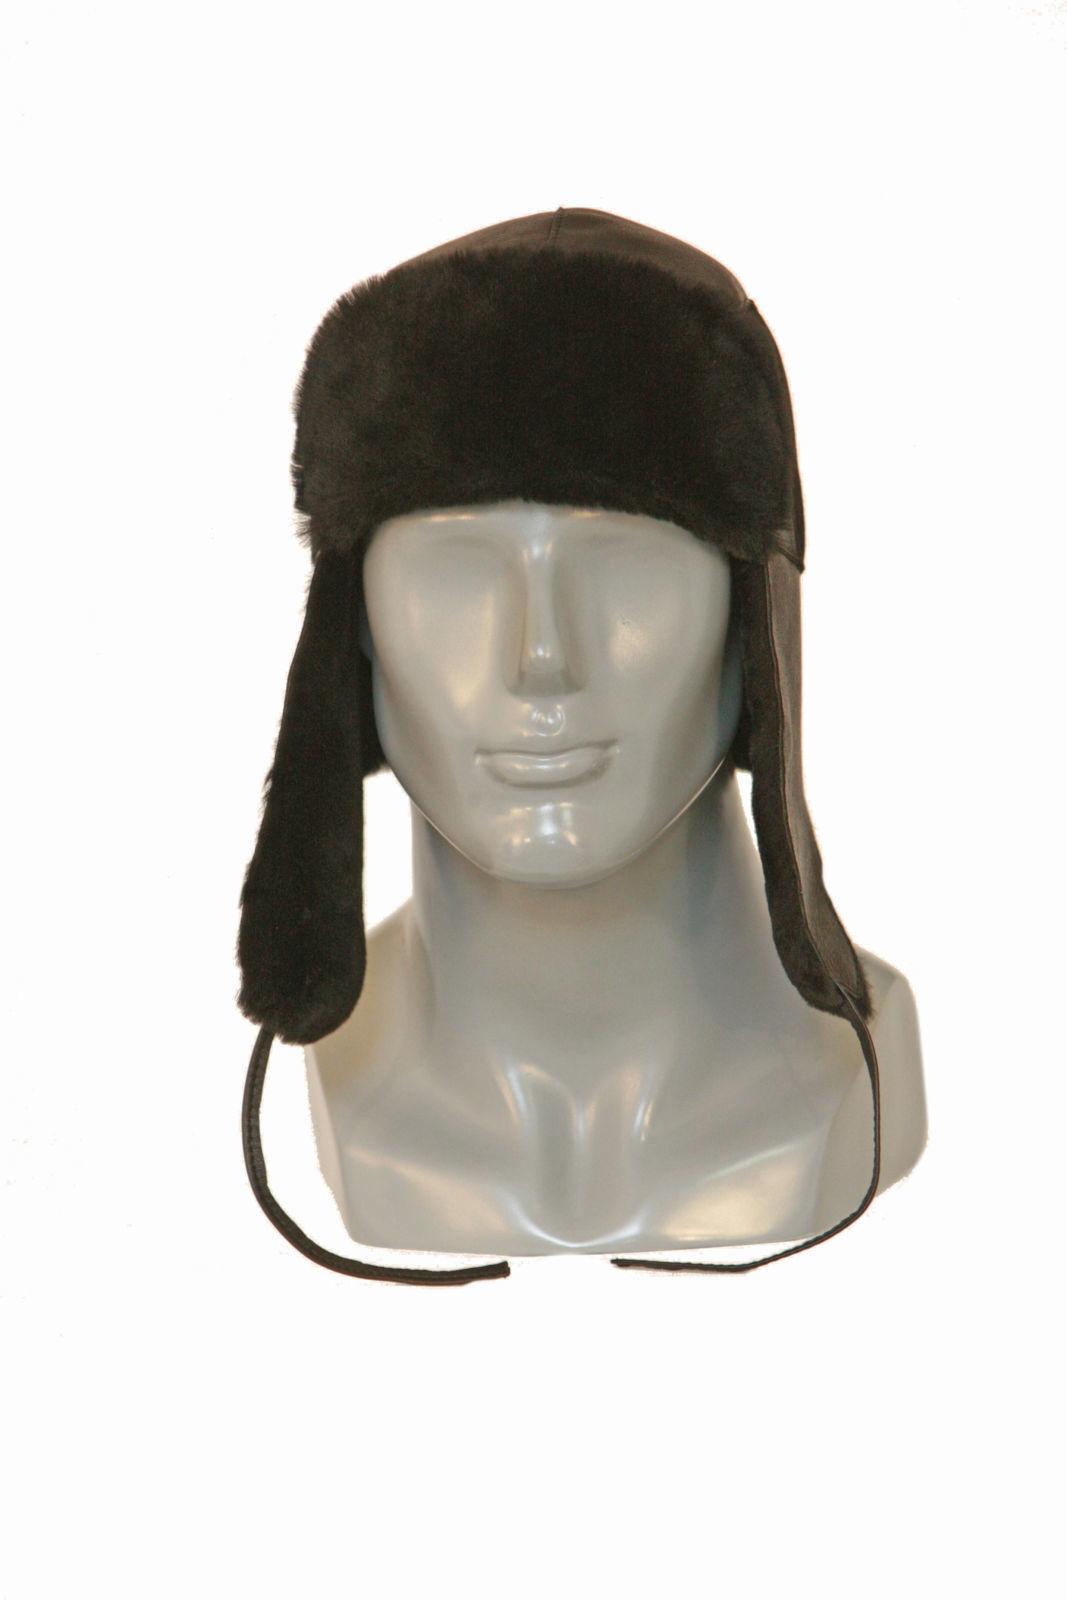 Шапка-ушанка - это современный зимний головной убор, выполненный из натурального меха мутон